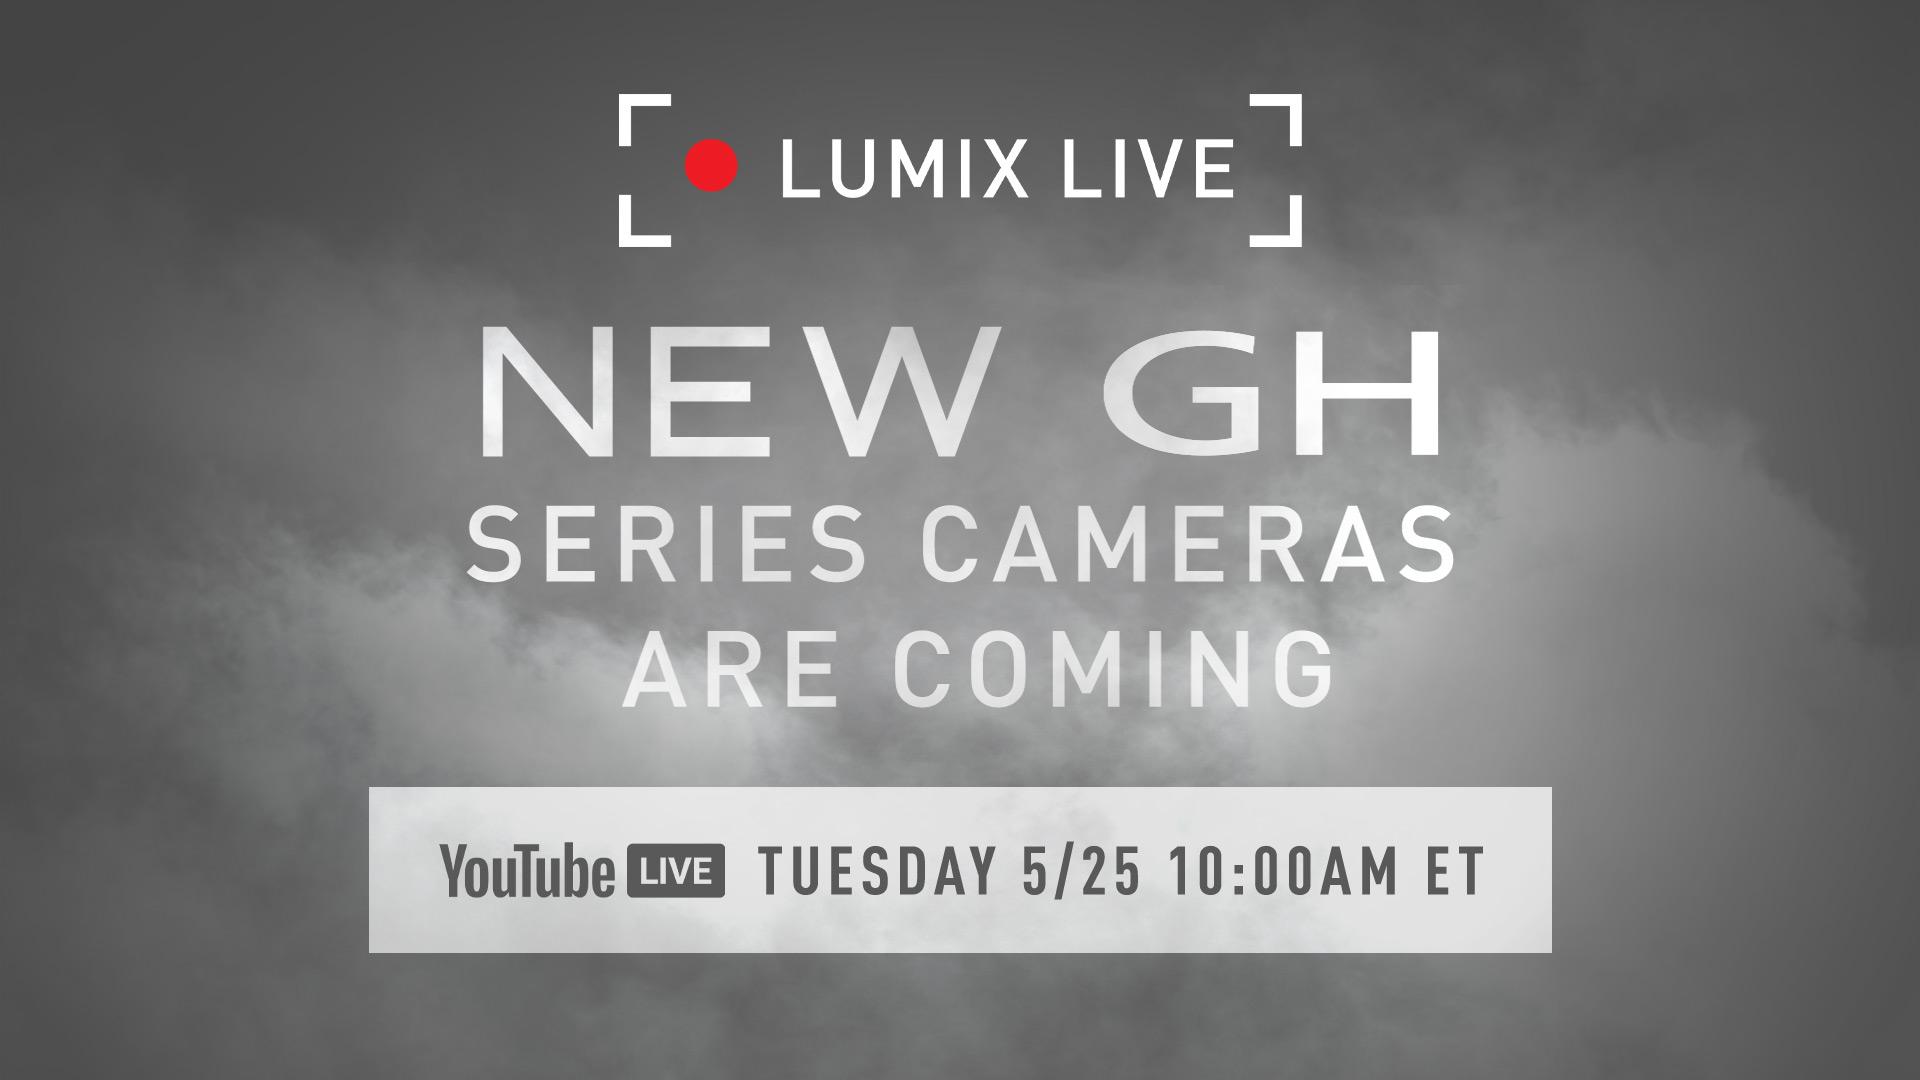 Заставка онлайн-трансляции на Youtube с презентацией камер Panasonic Lumix GH